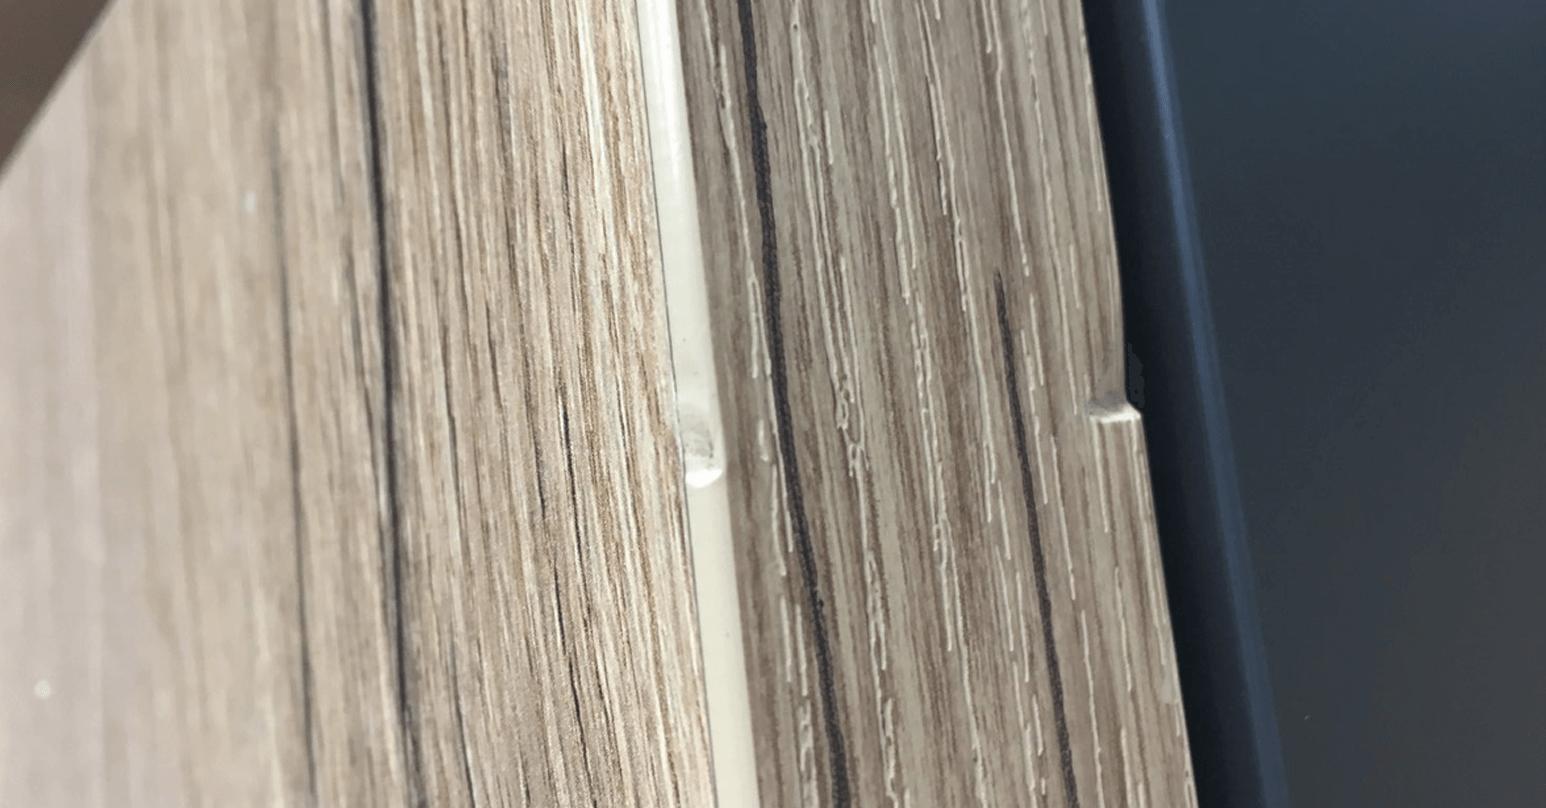 Laminate furniture - Before repair